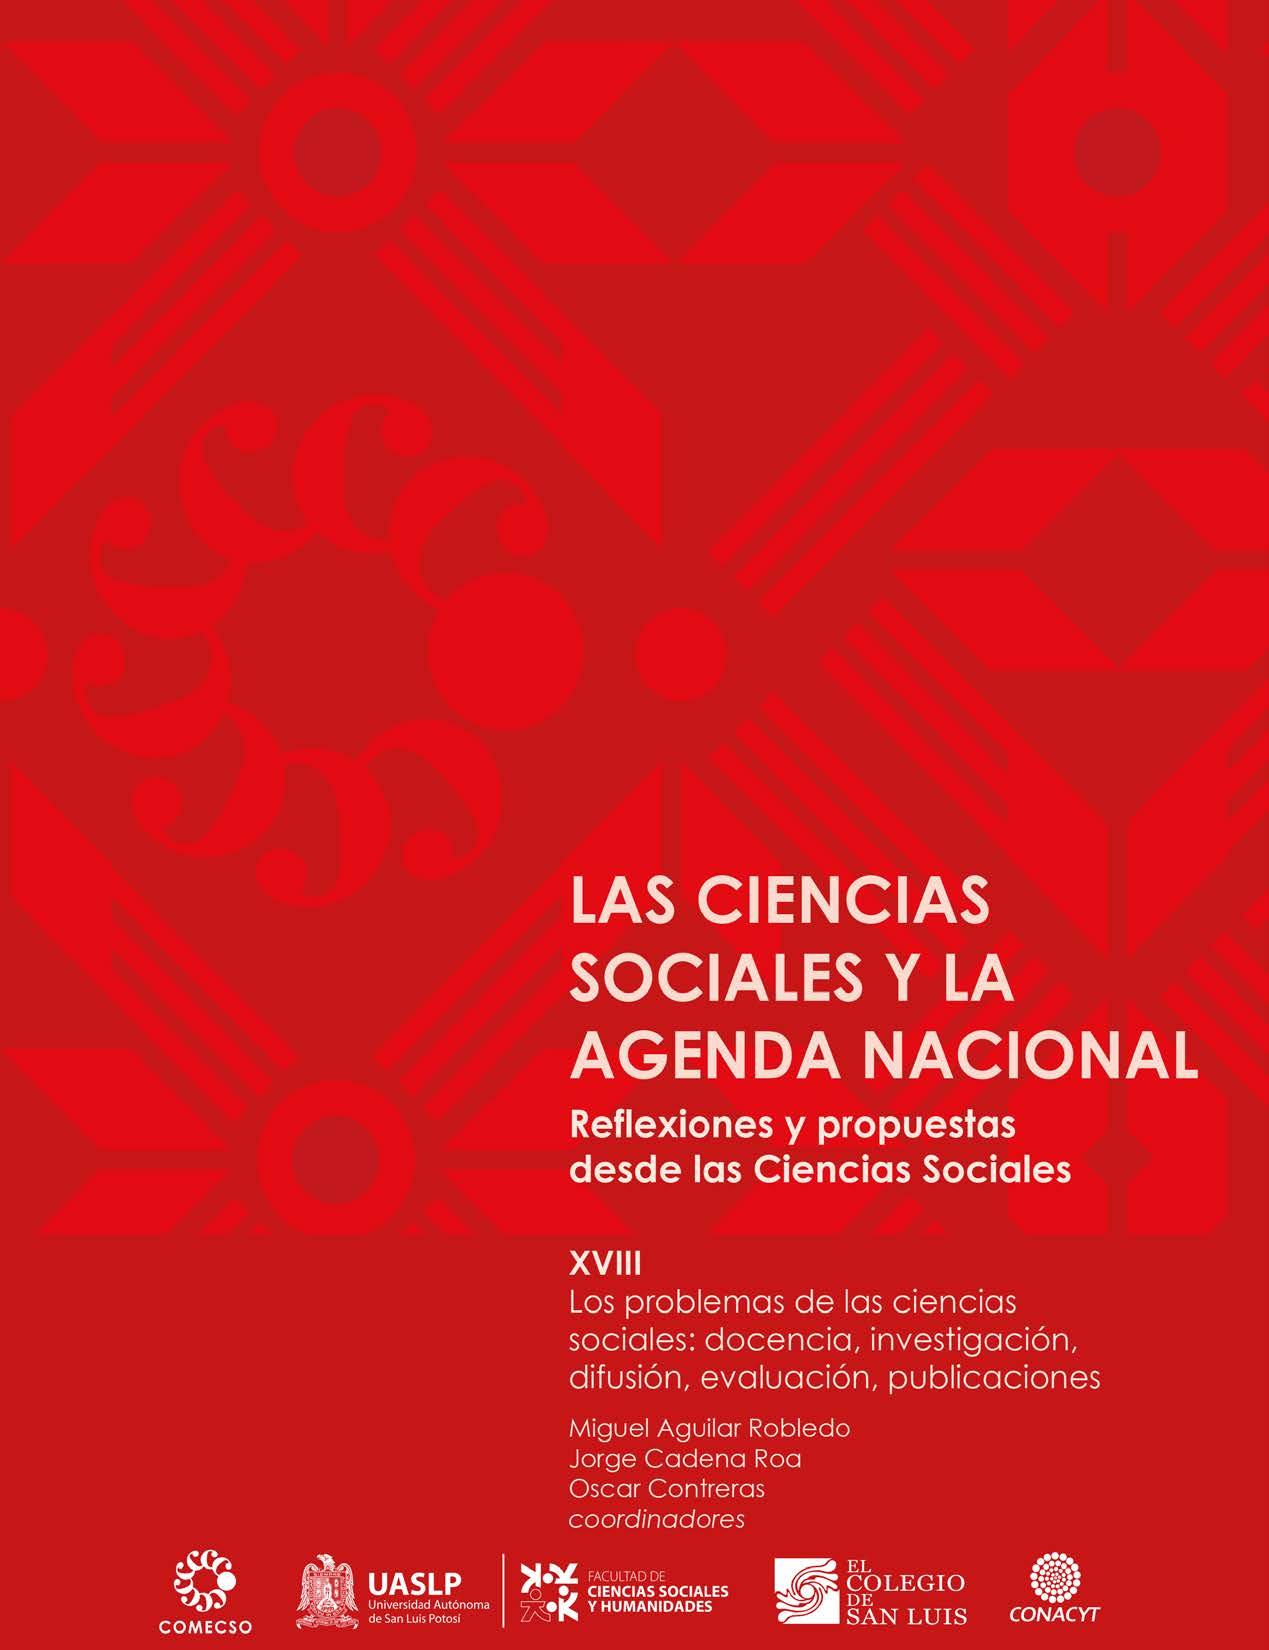 Vol. XVIII. Los problemas de las ciencias sociales: